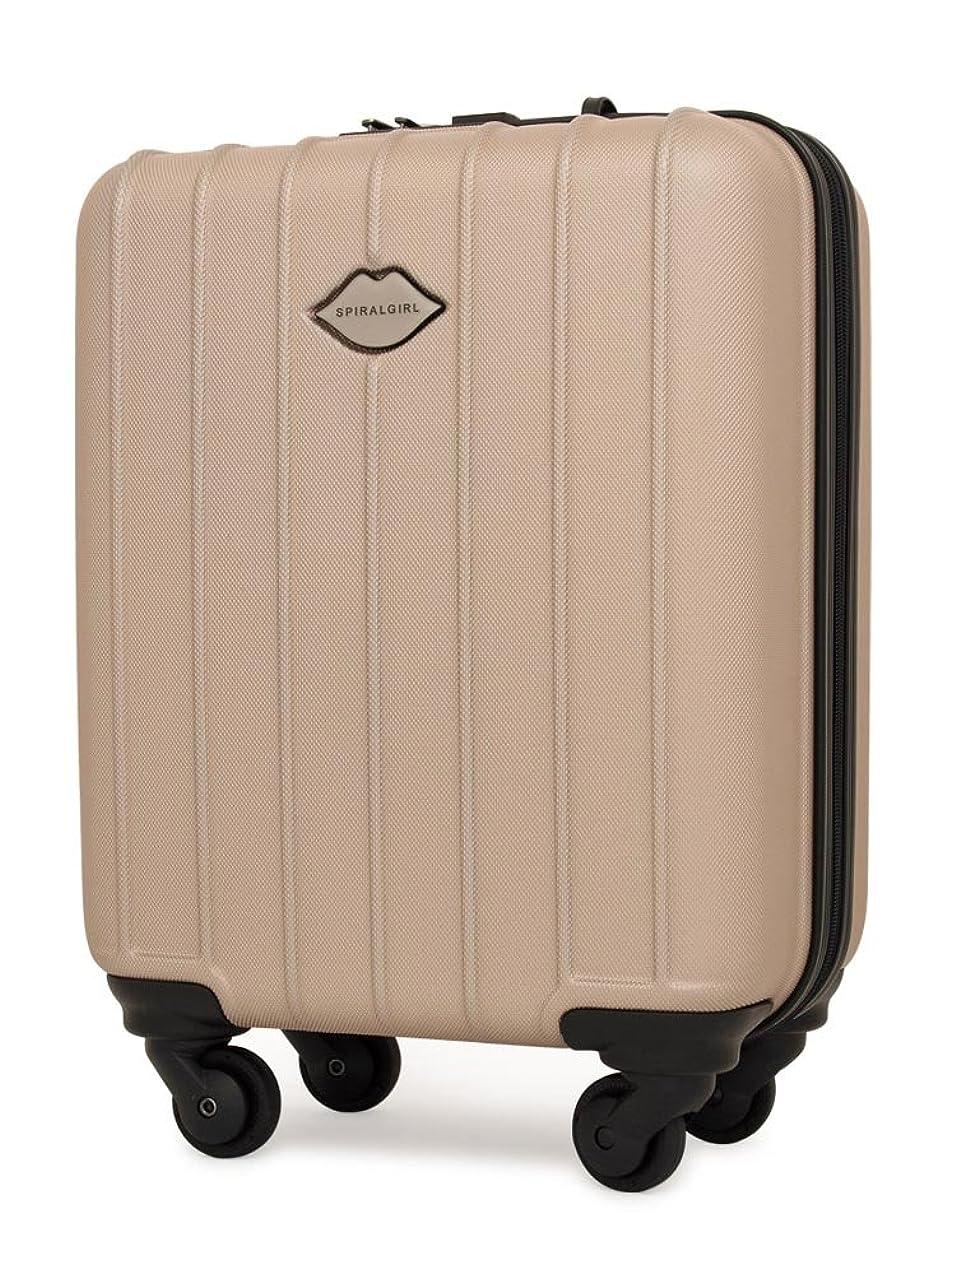 疑問に思う北世紀[スパイラルガール] スーツケース 機内持込可 29L 45cm 2.6kg 7602001